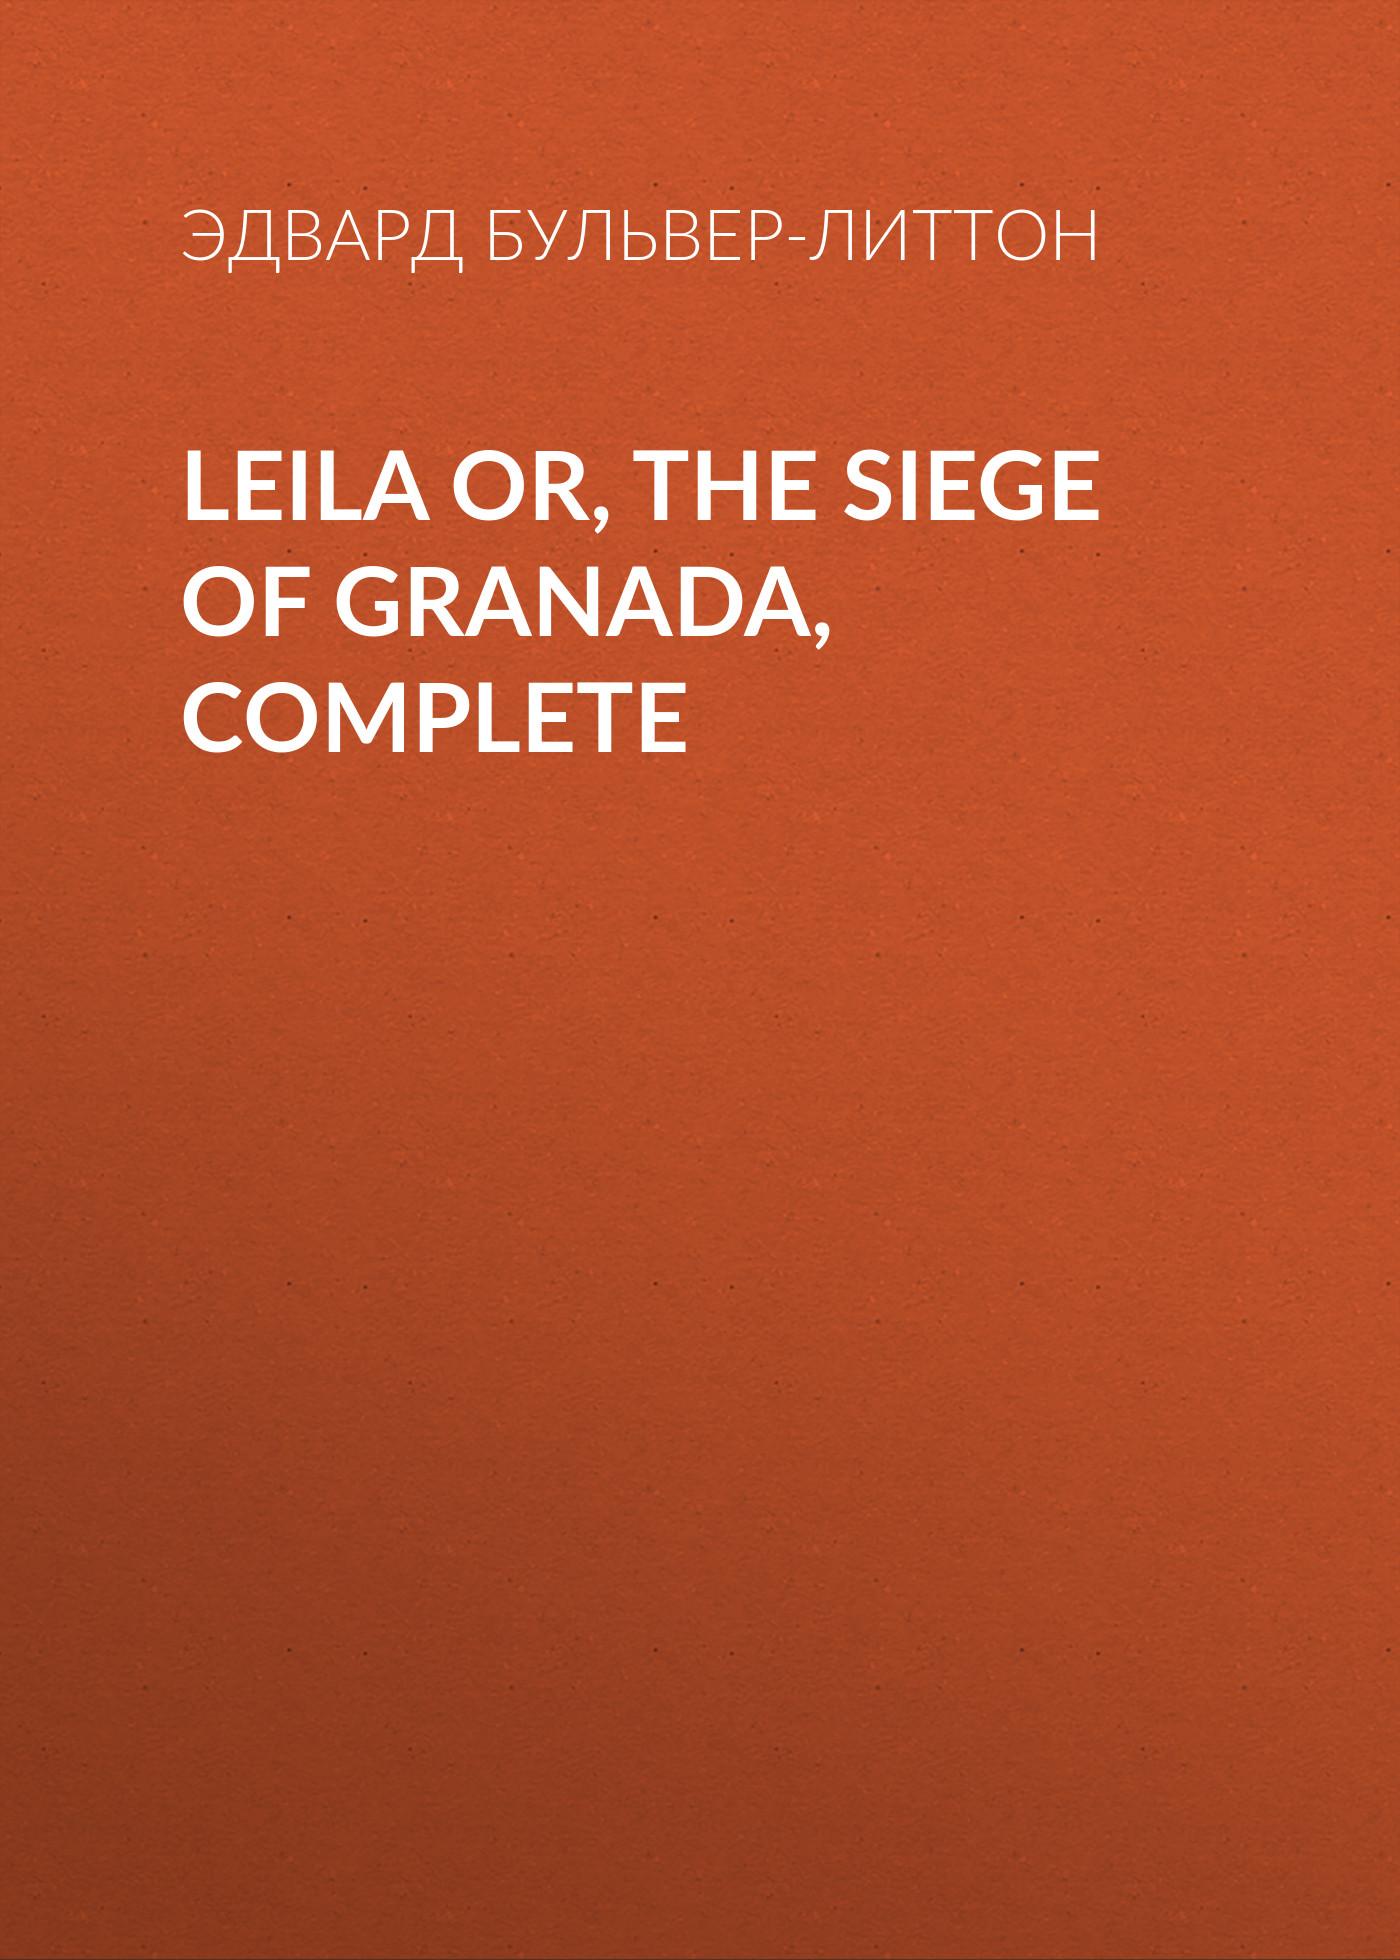 Эдвард Бульвер-Литтон Leila or, the Siege of Granada, Complete эдвард бульвер литтон leila or the siege of granada book iv